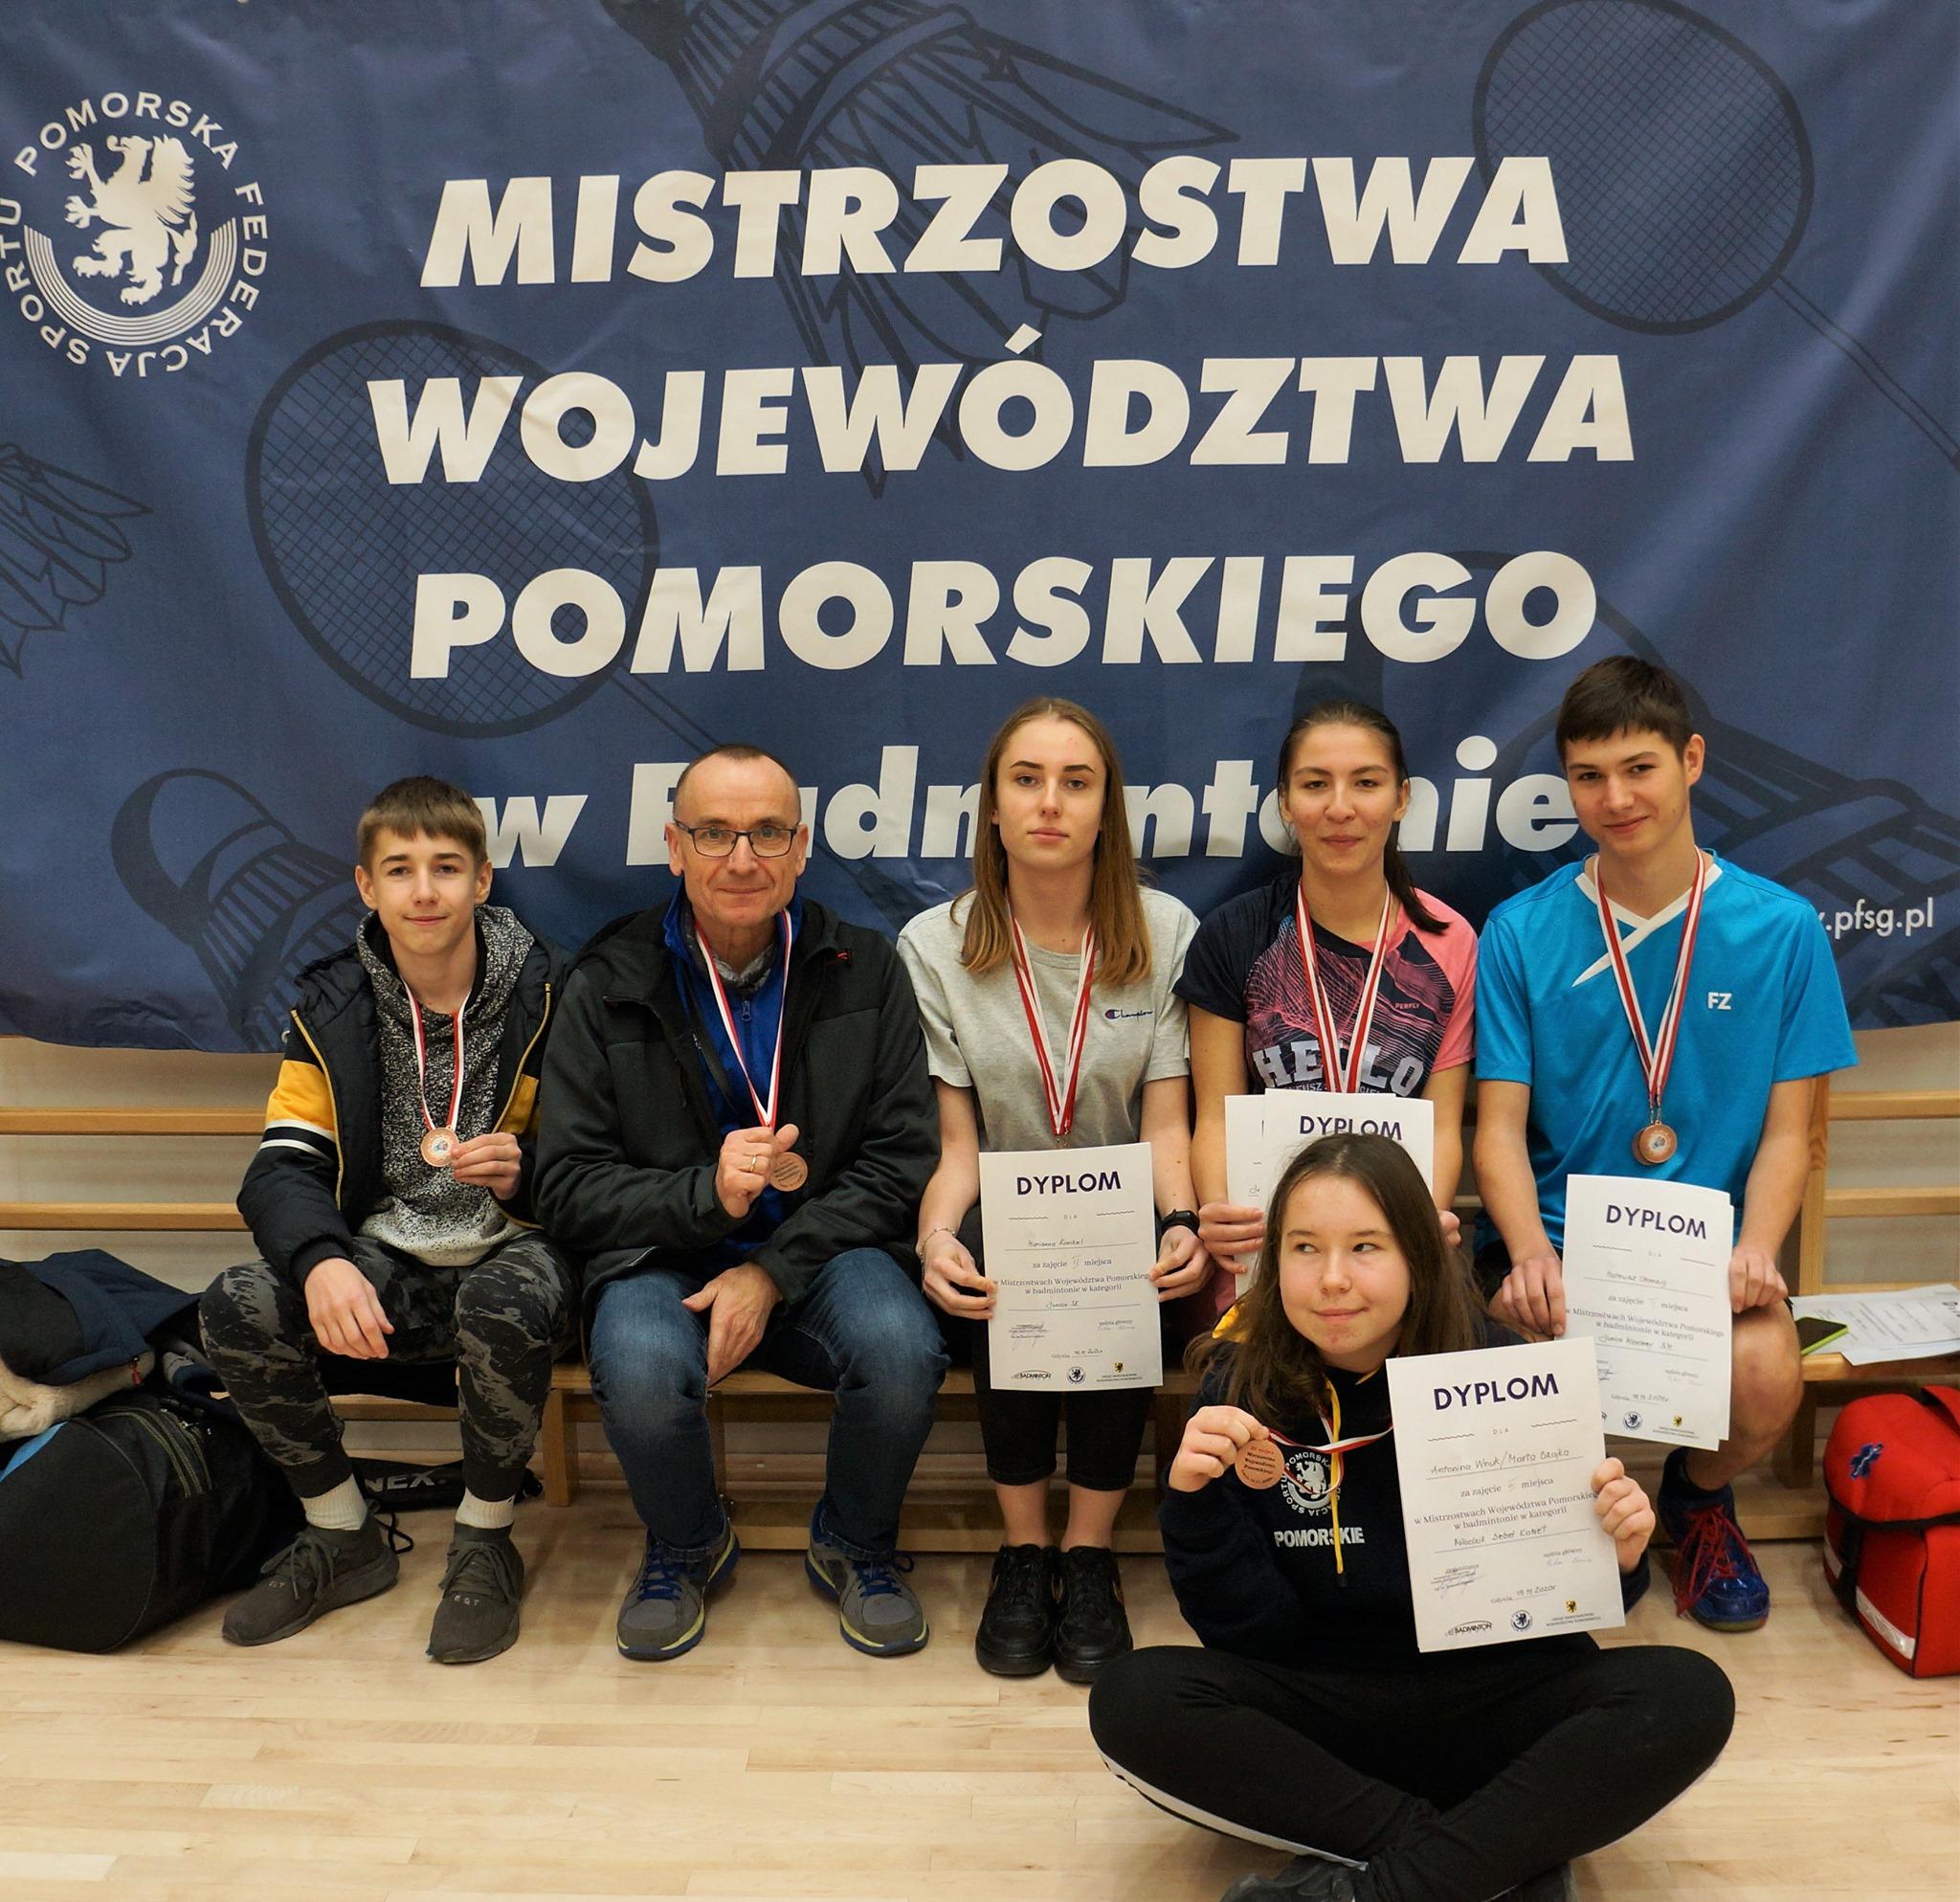 UKS Bliza Władysławowo na Mistrzostwach Województwa Pomorskiego w Badmintonie (2020). Są medale!